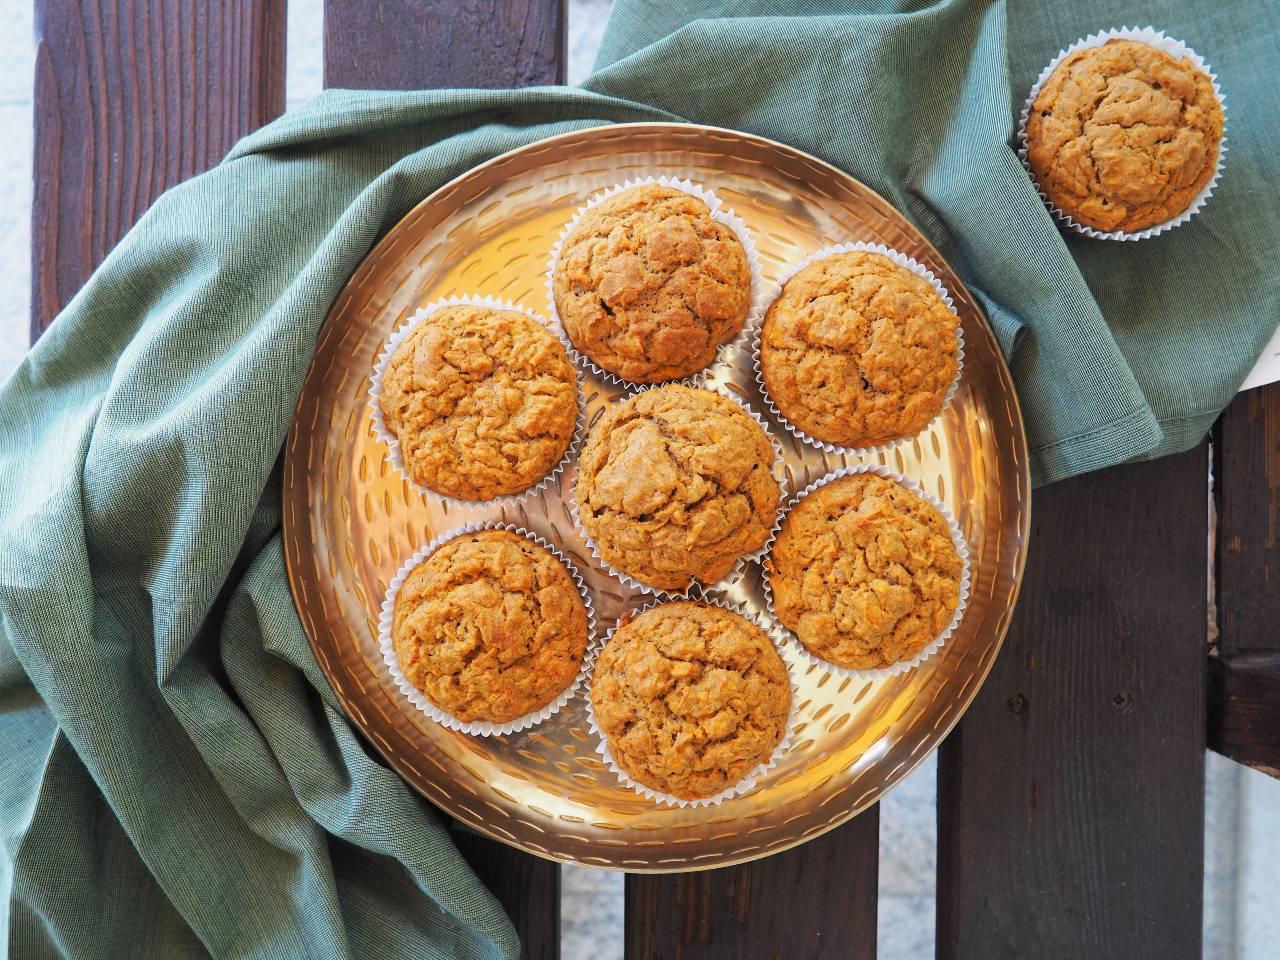 Zeit zum Naschen! Gesunde Apfel-Karotten-Muffins